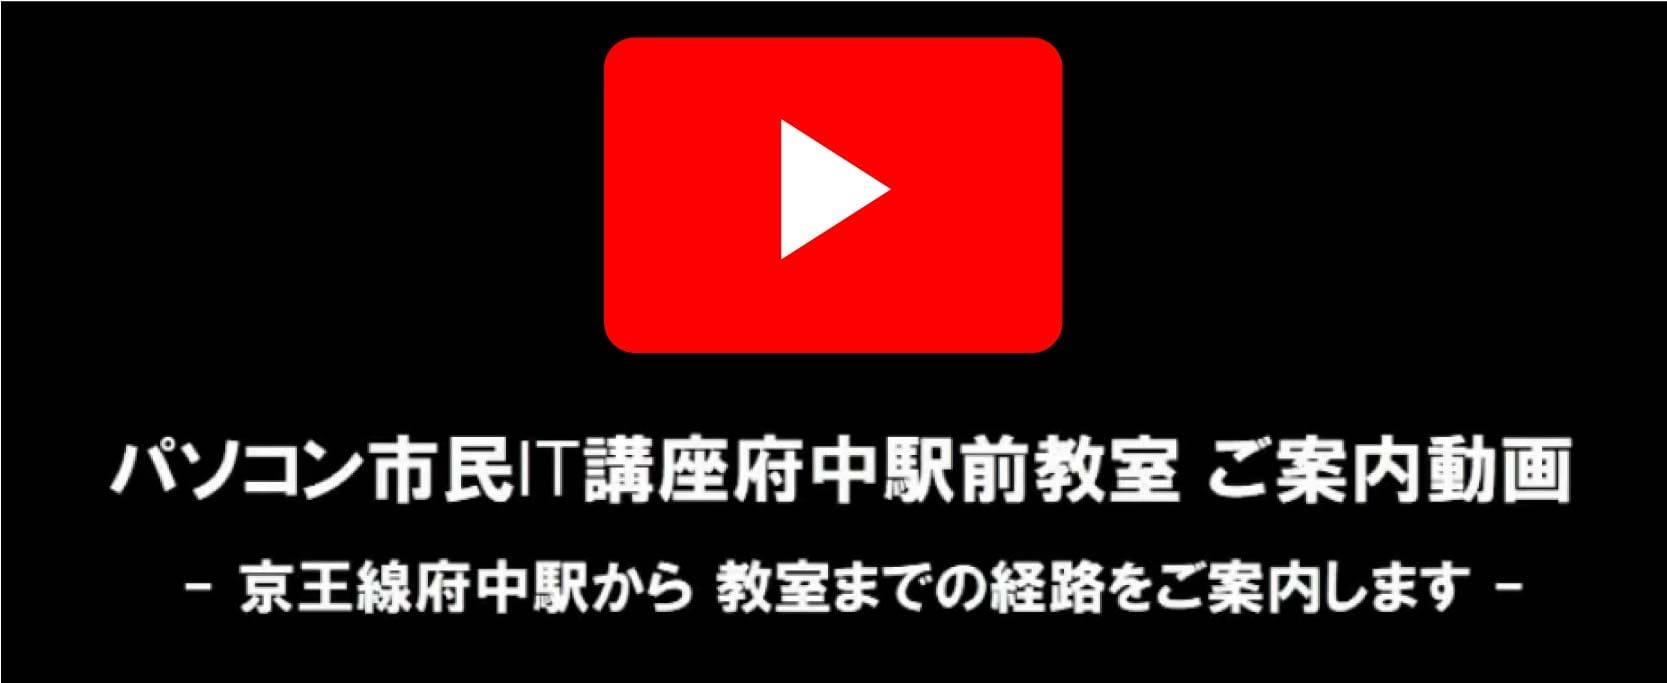 パソコン市民IT講座府中駅前教室ご案内動画YouTubeリンク